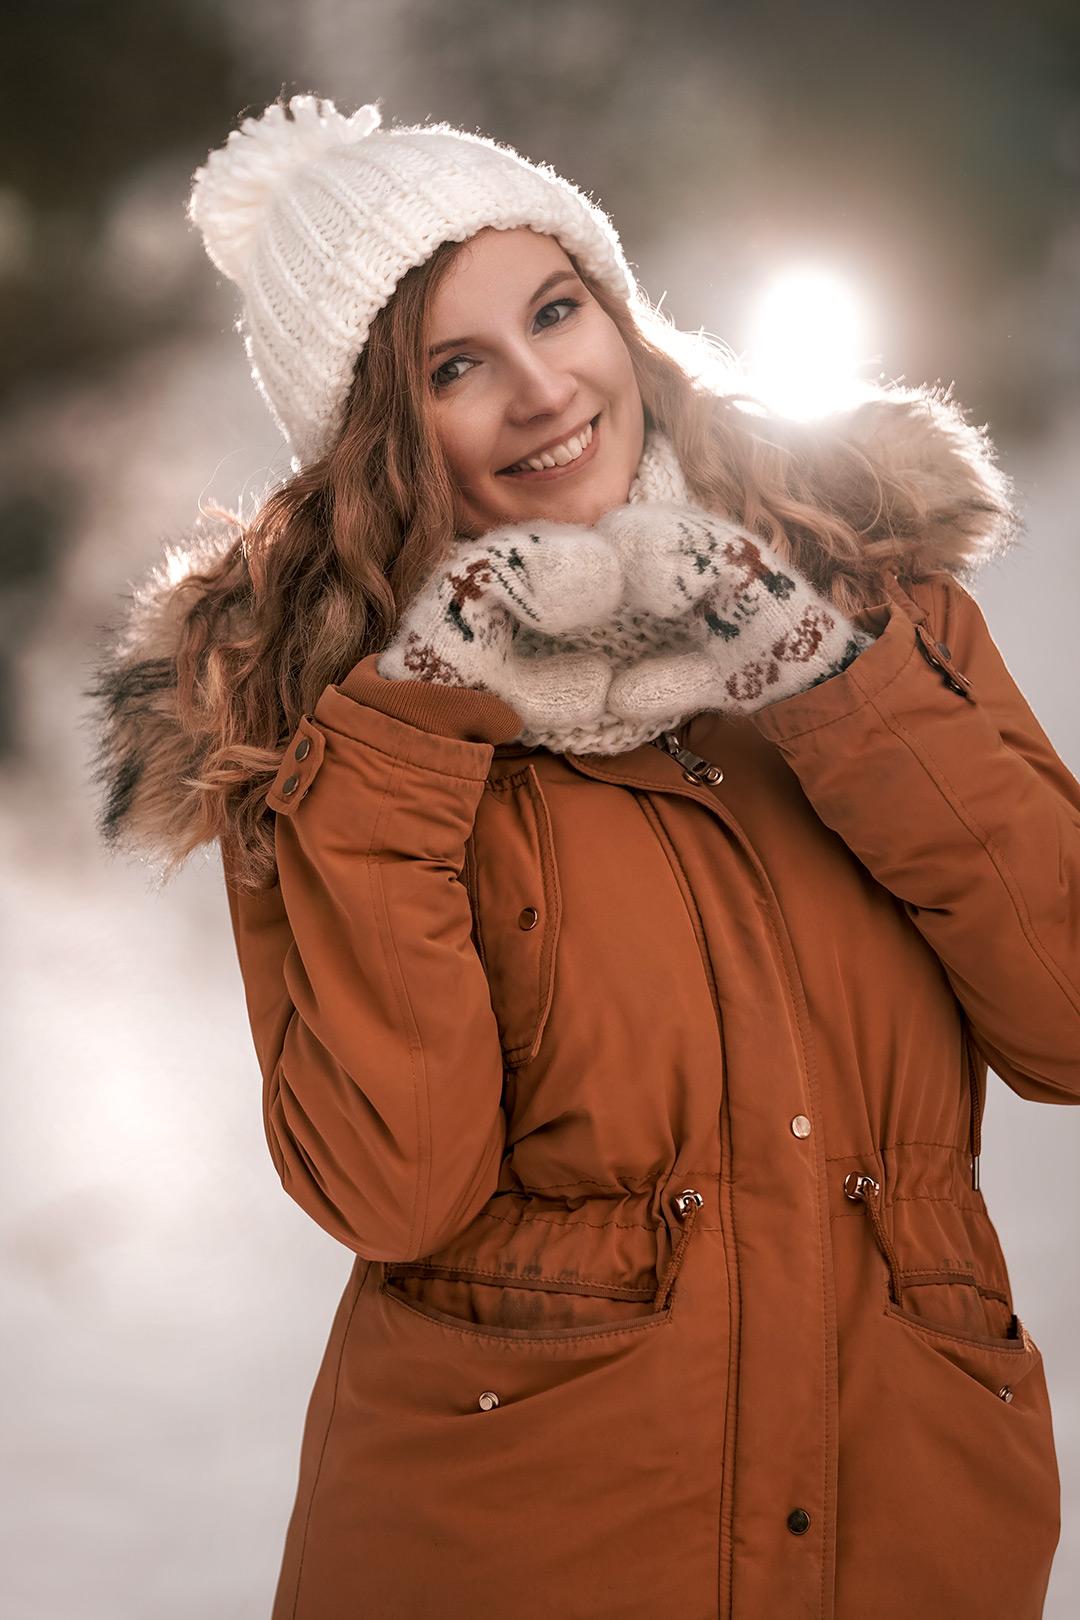 Winter Fotoshooting Mädchen mit weißer Mütze und mit brauner Jacke